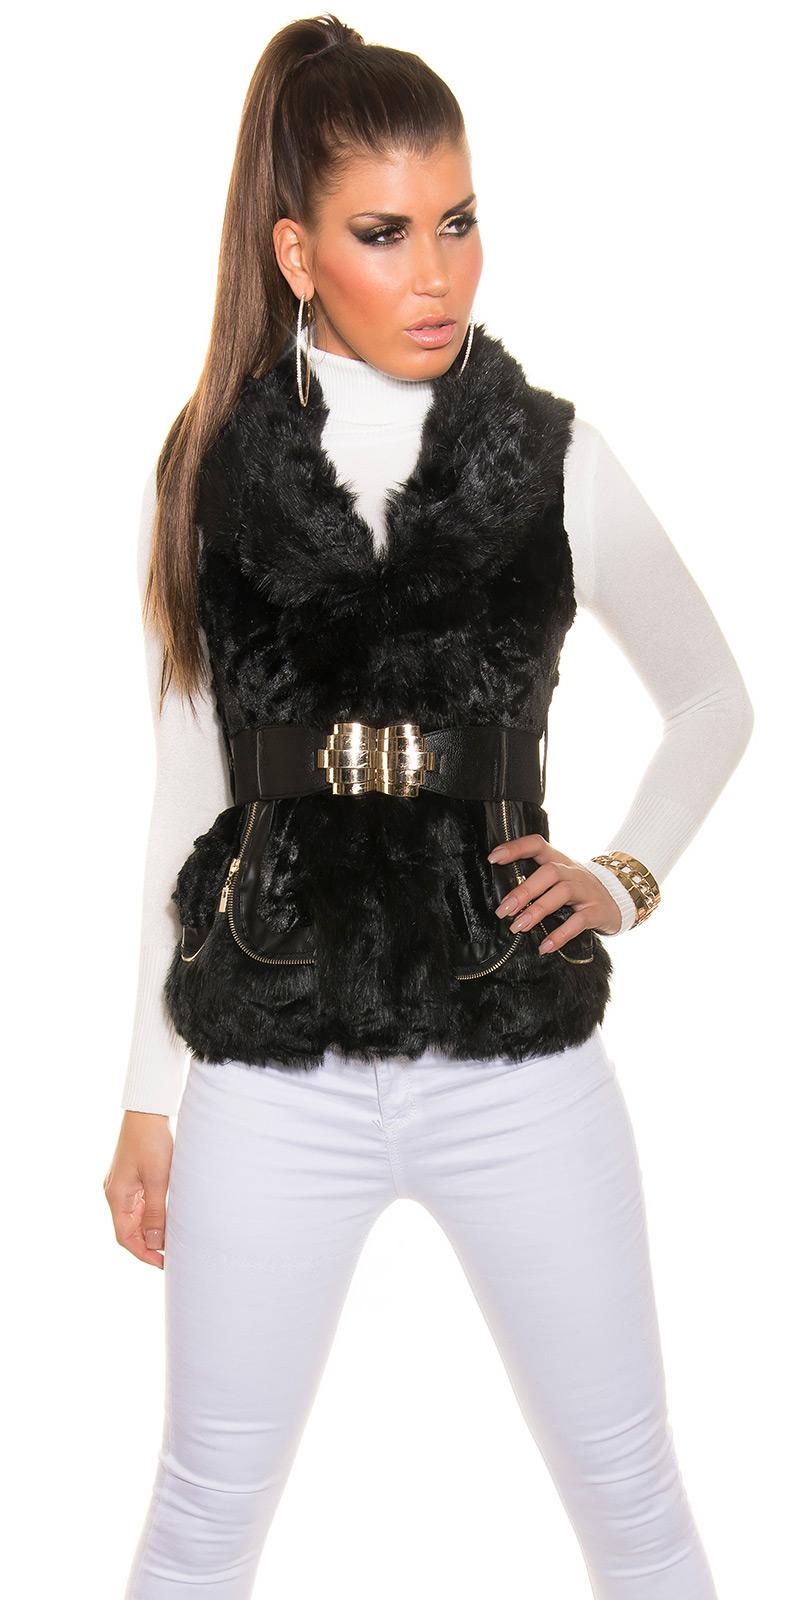 Luxusní dámská vesta Koucla černá (Dámská vesta)